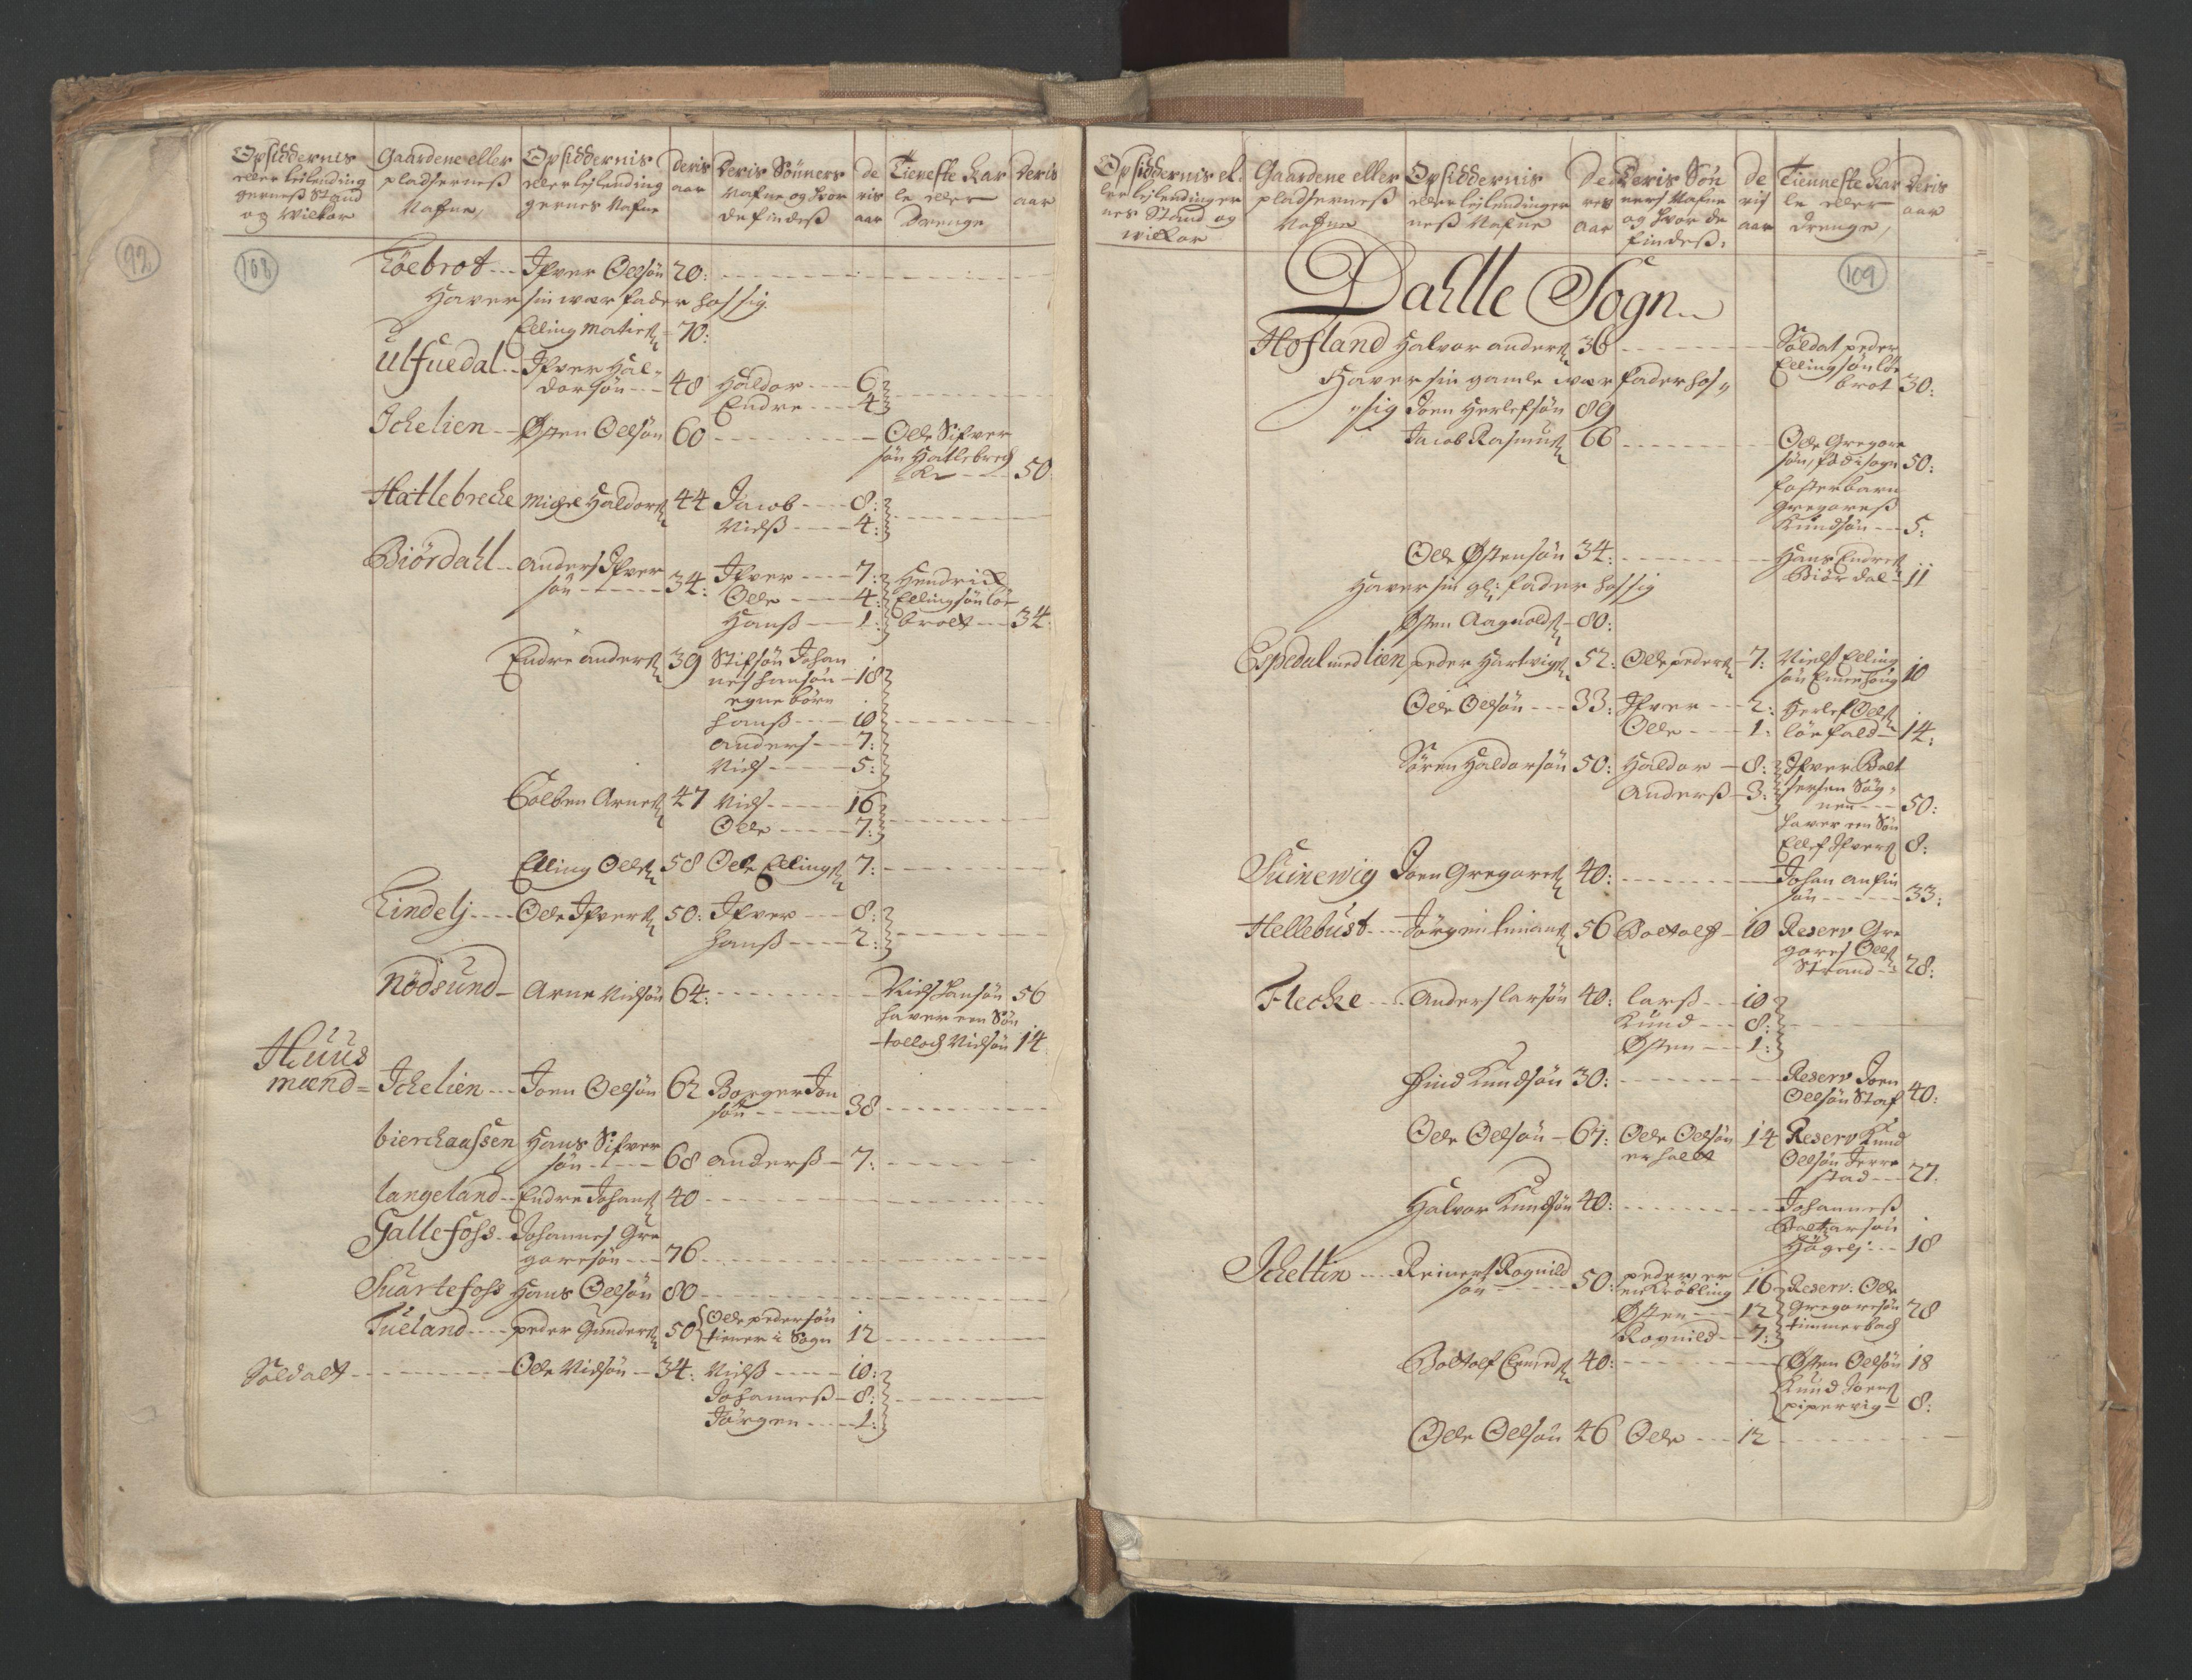 RA, Manntallet 1701, nr. 9: Sunnfjord fogderi, Nordfjord fogderi og Svanø birk, 1701, s. 108-109